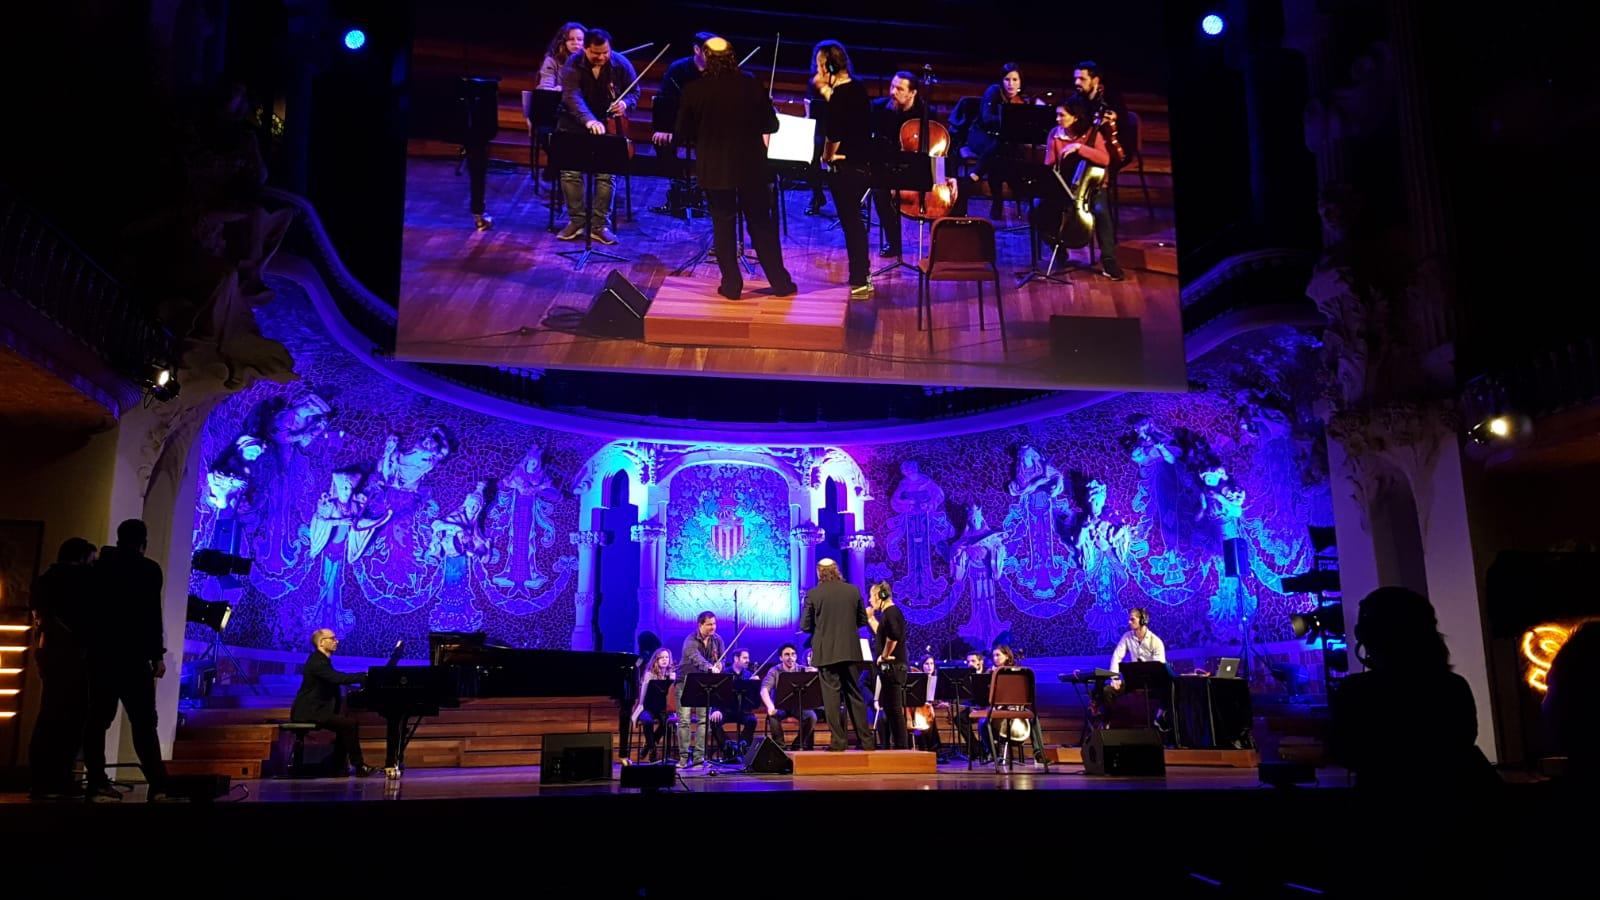 Ensayo en el Palau de la Musica Catalana